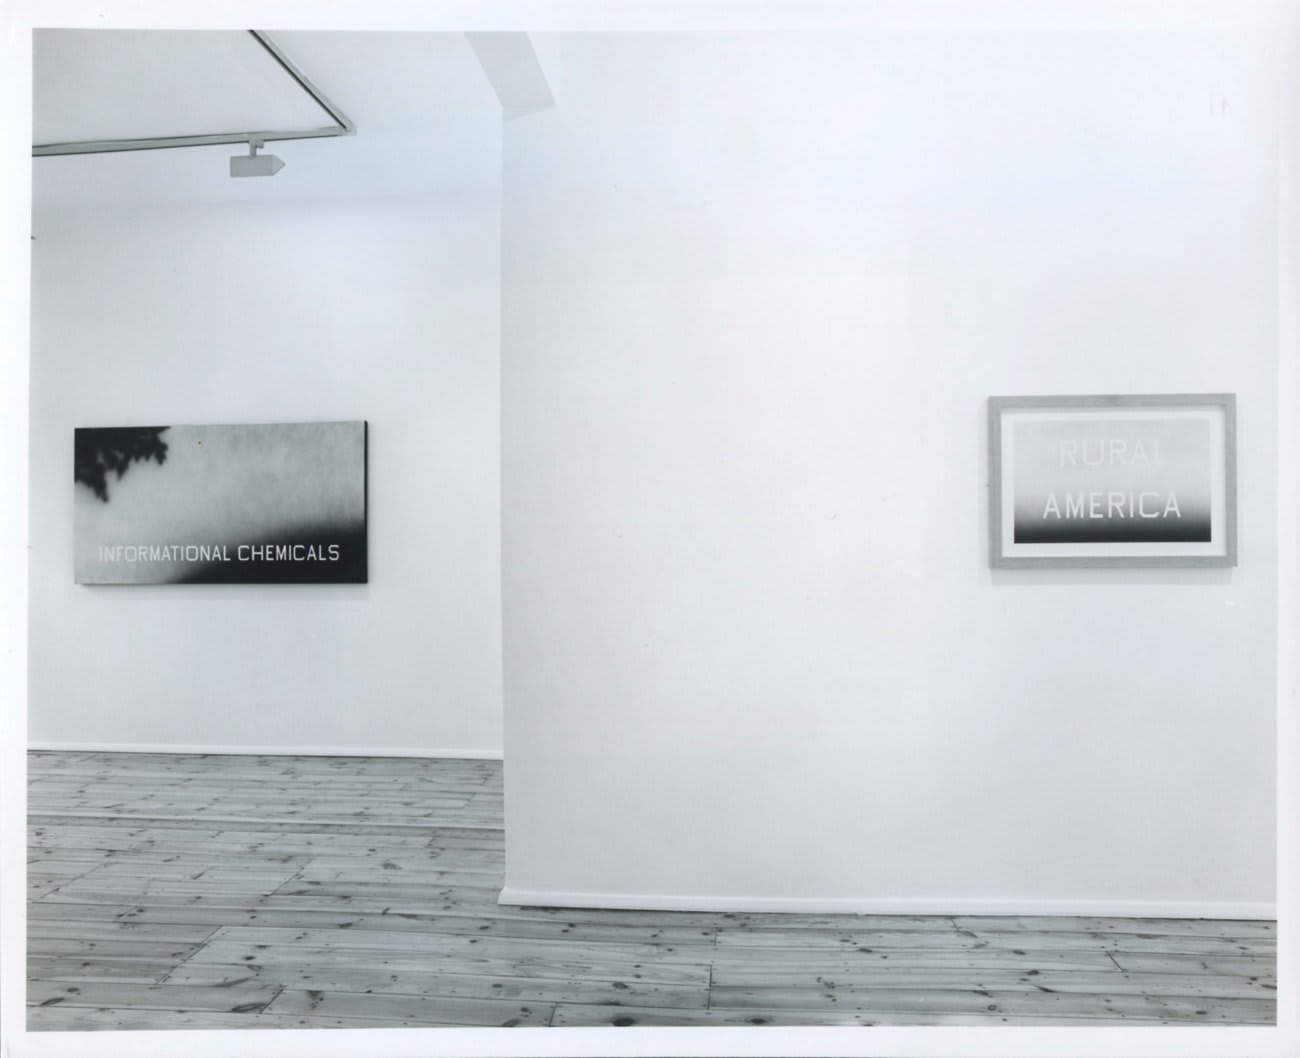 Installation view, Karsten Schubert, 1990